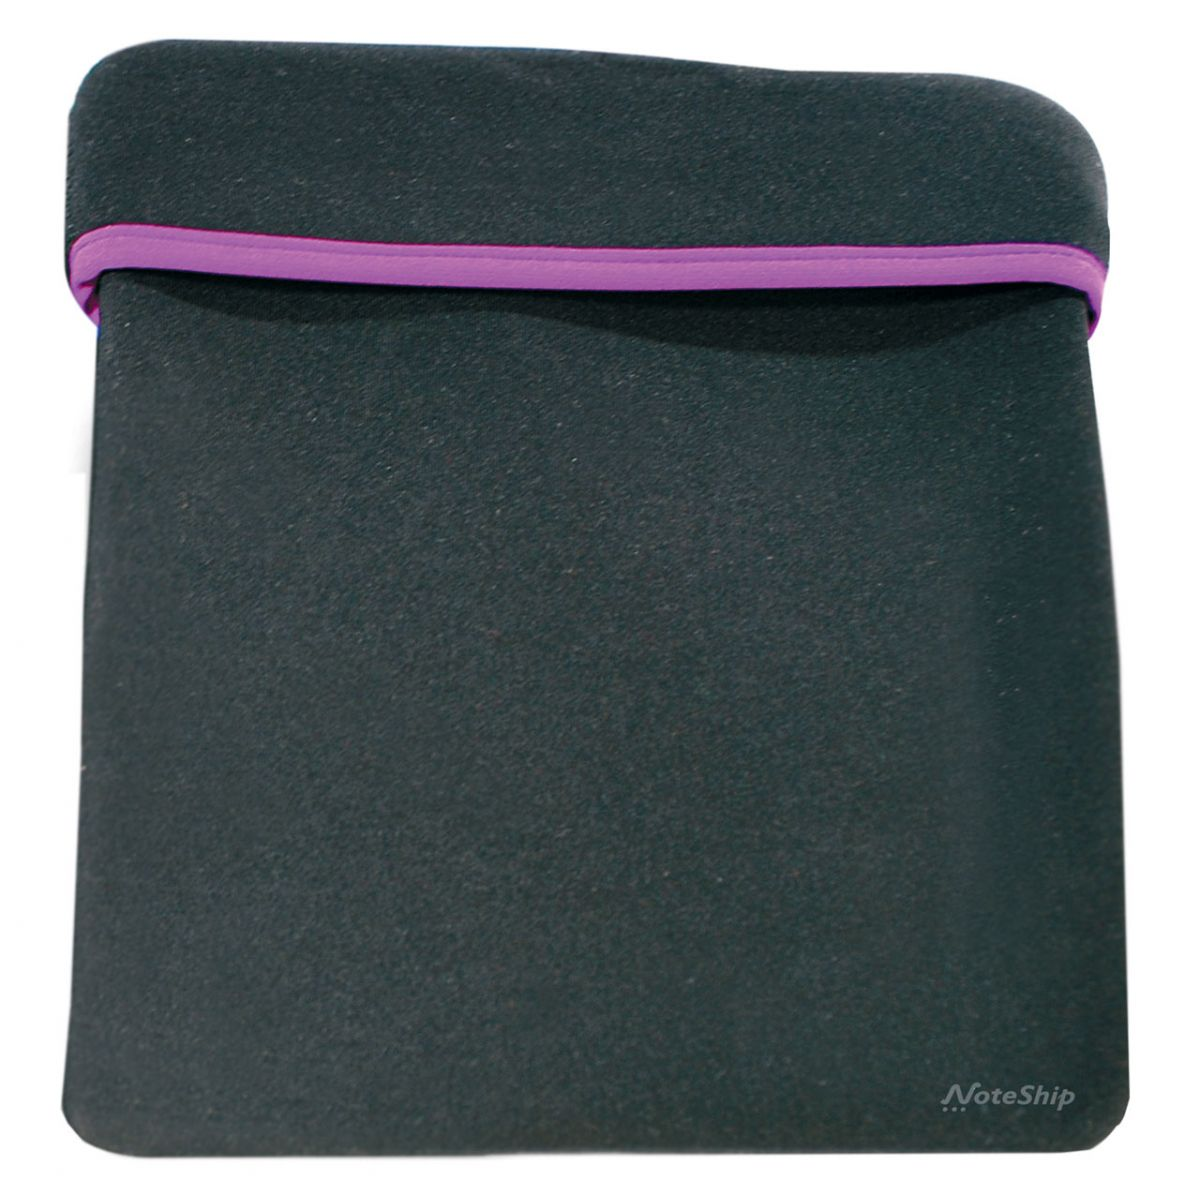 Case para Ultrabook 13.3 Glove Violeta Dupla Face 2623 - Leadership